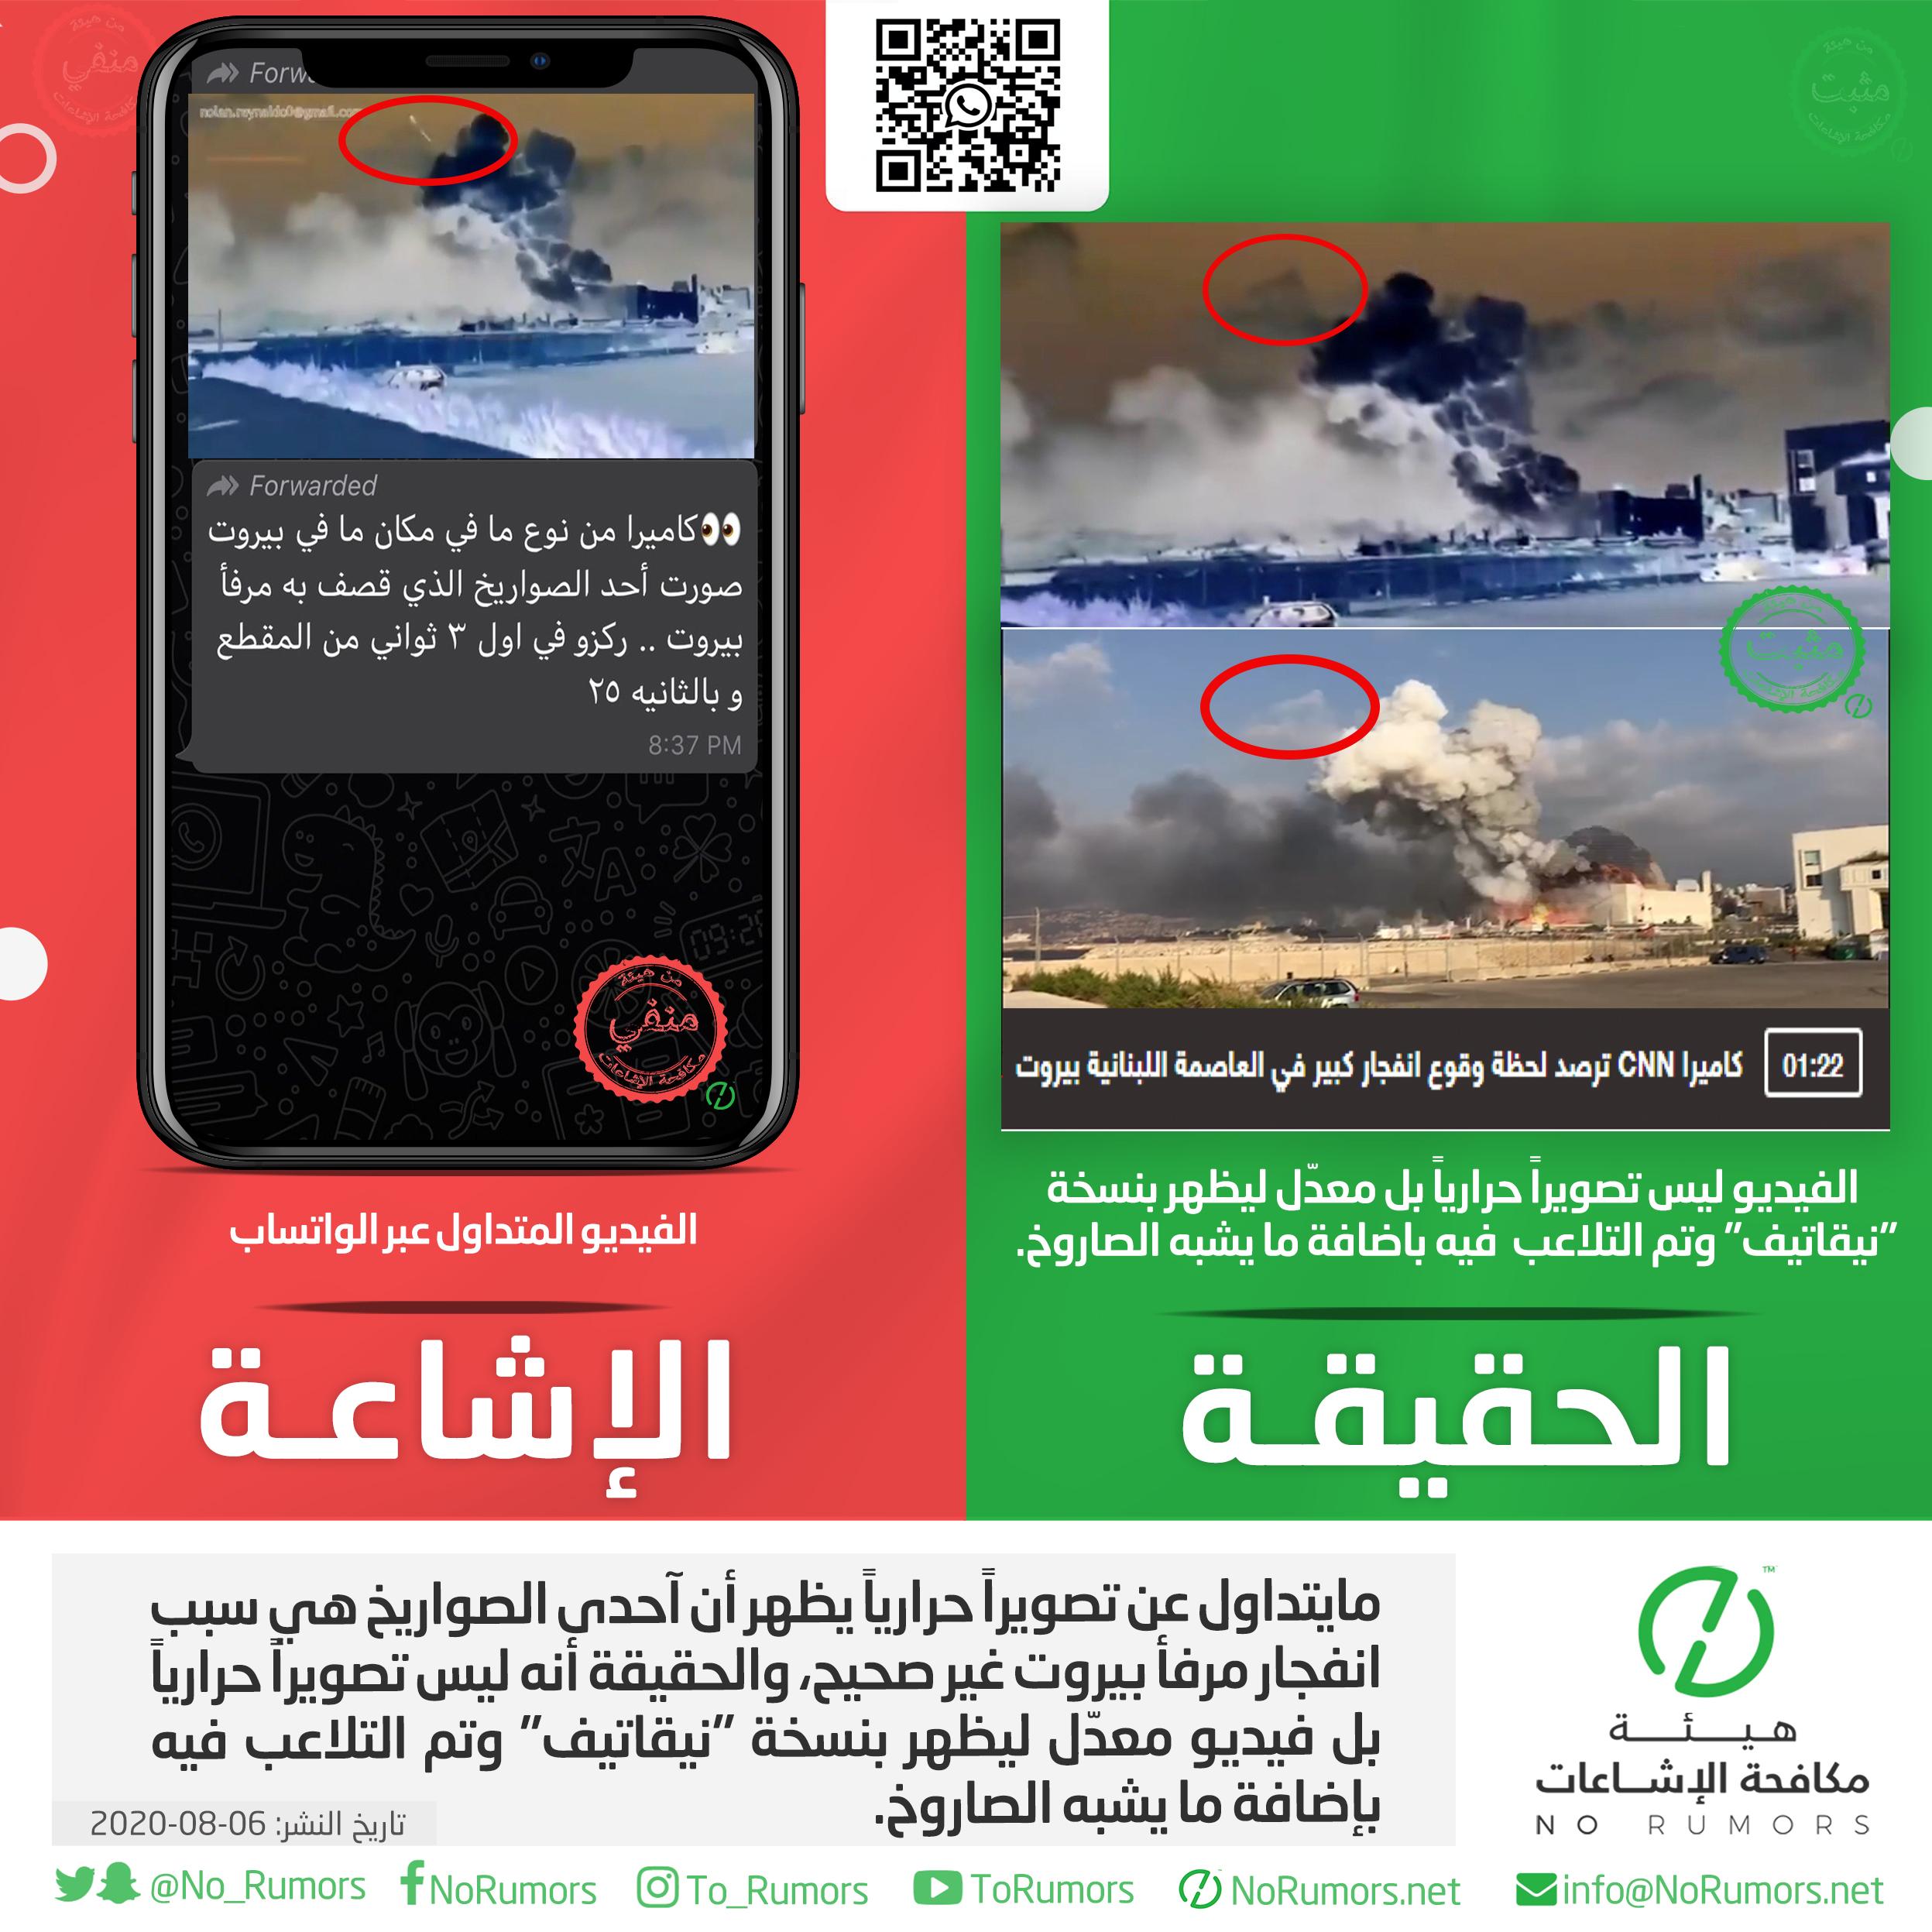 حقيقة مايتداول عن تصويراً حرارياً يظهر أن آحدى الصواريخ هي سبب انفجار مرفأ بيروت